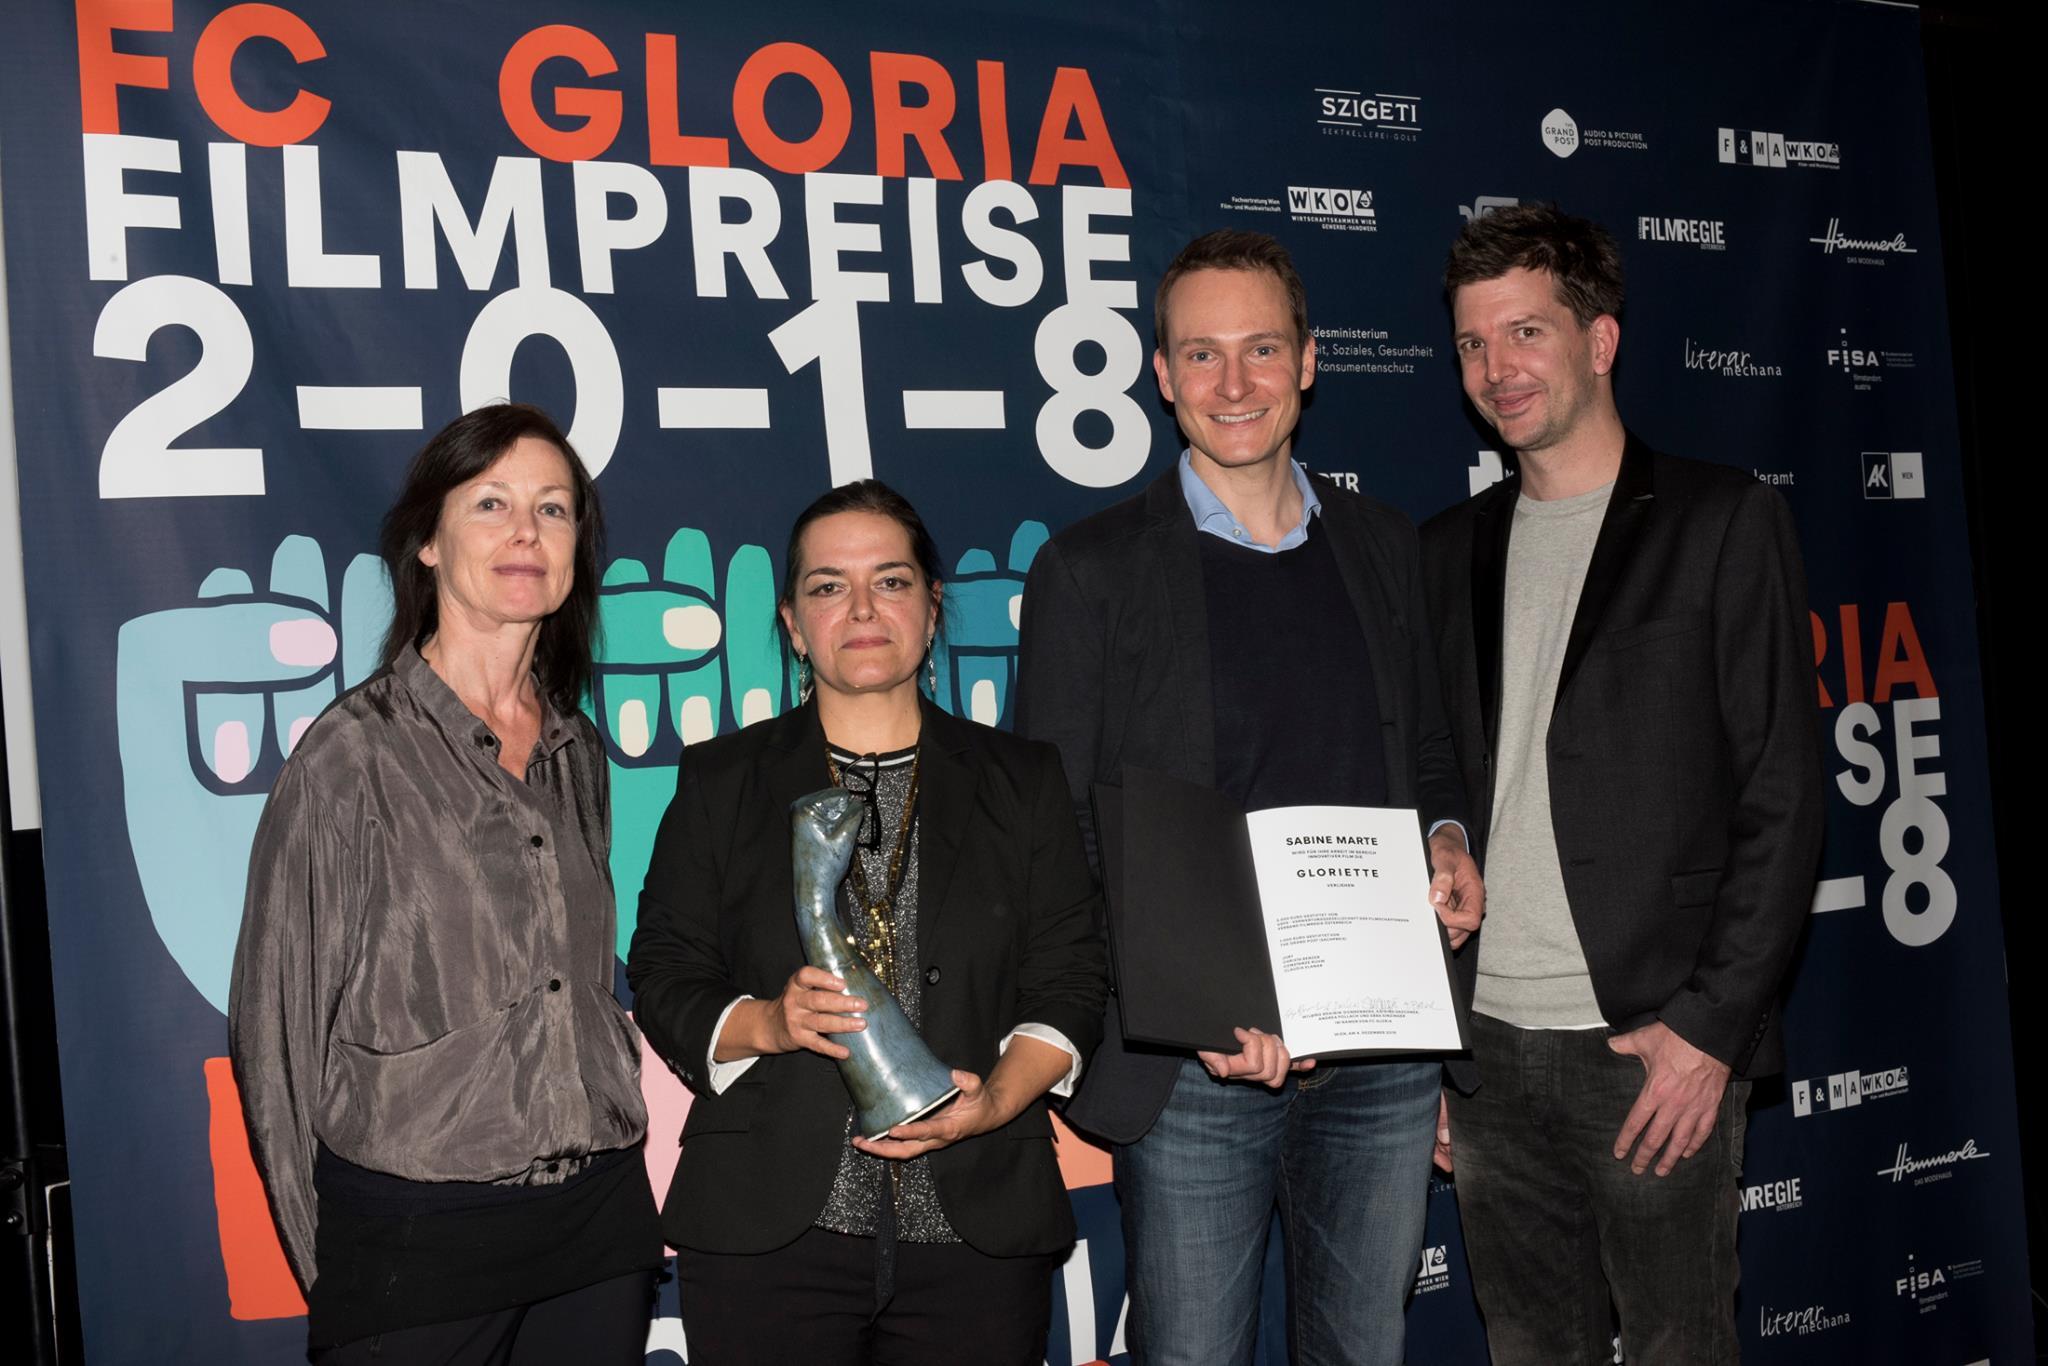 Barbara Fränzen (BKA Film), Preisträgerin Sabine Marten und Marco Zinz und Alexander Fischbacher (The Grand Post)